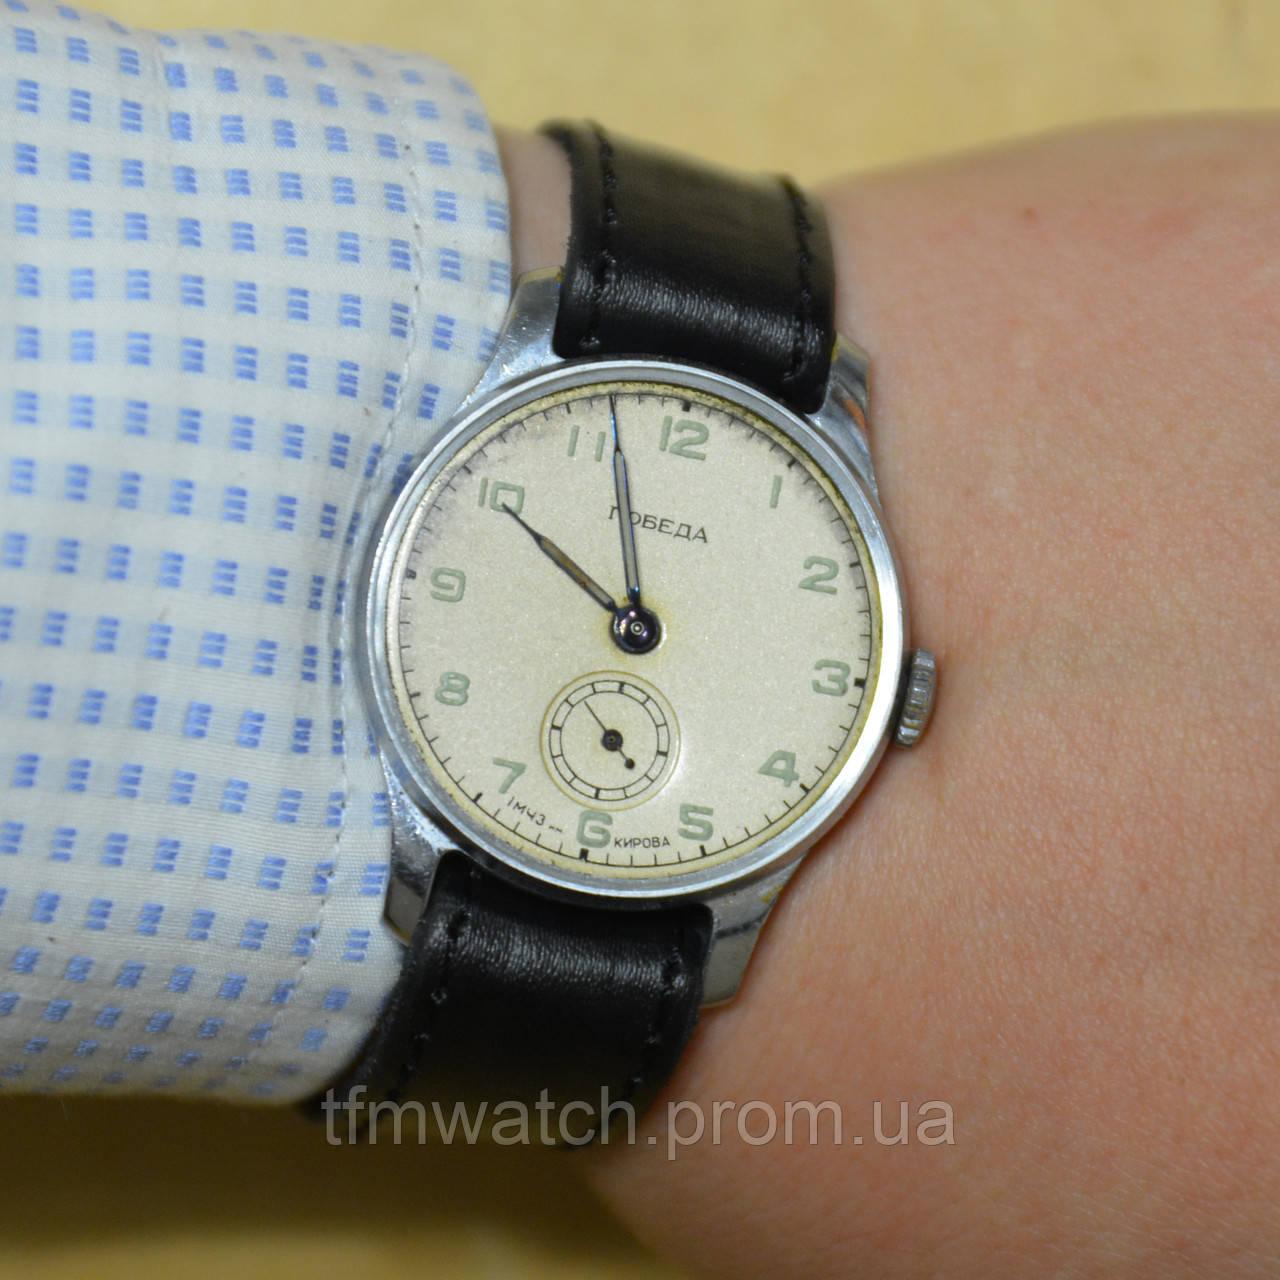 Купить часы победа 1947 тамбов часы где купить